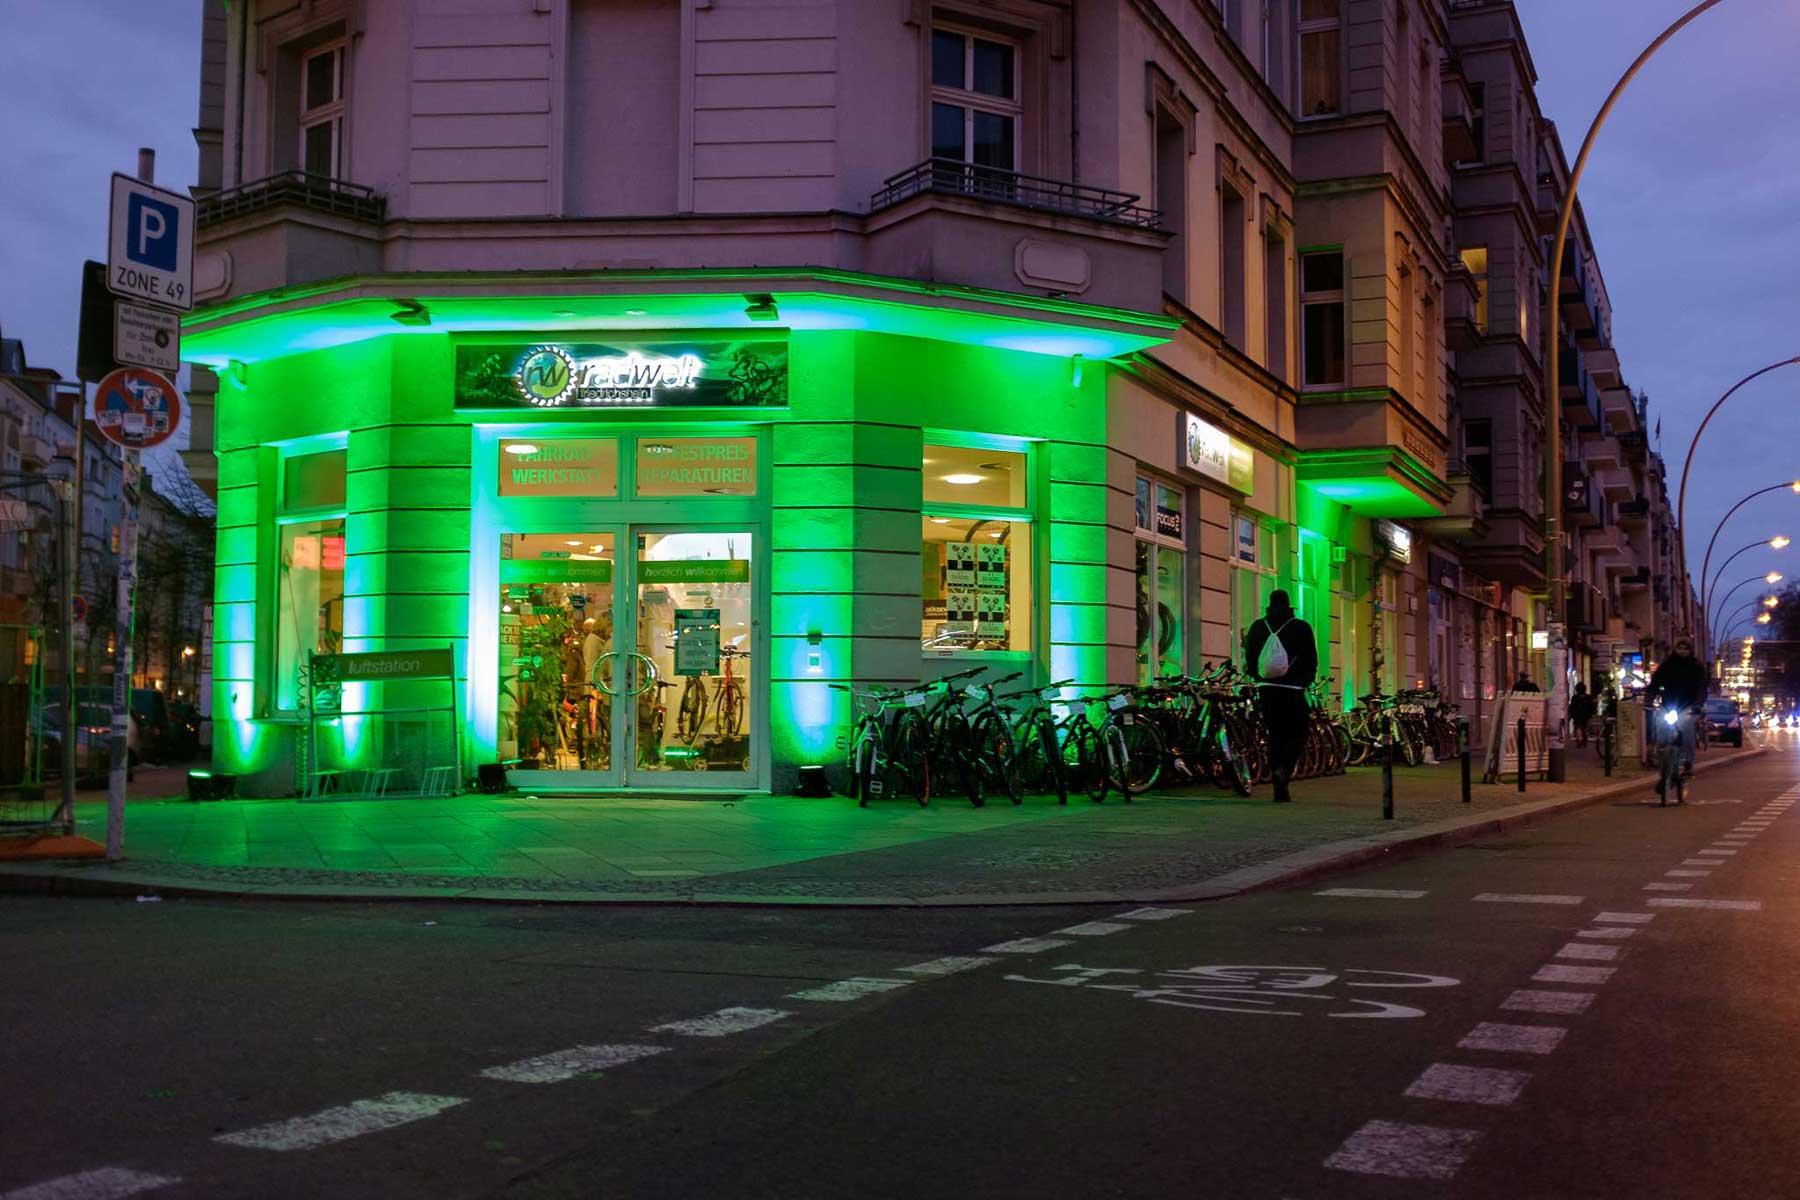 Fahrradladen Radwelt Berlin, Warschauer Strasse 31, 10243 Berlin